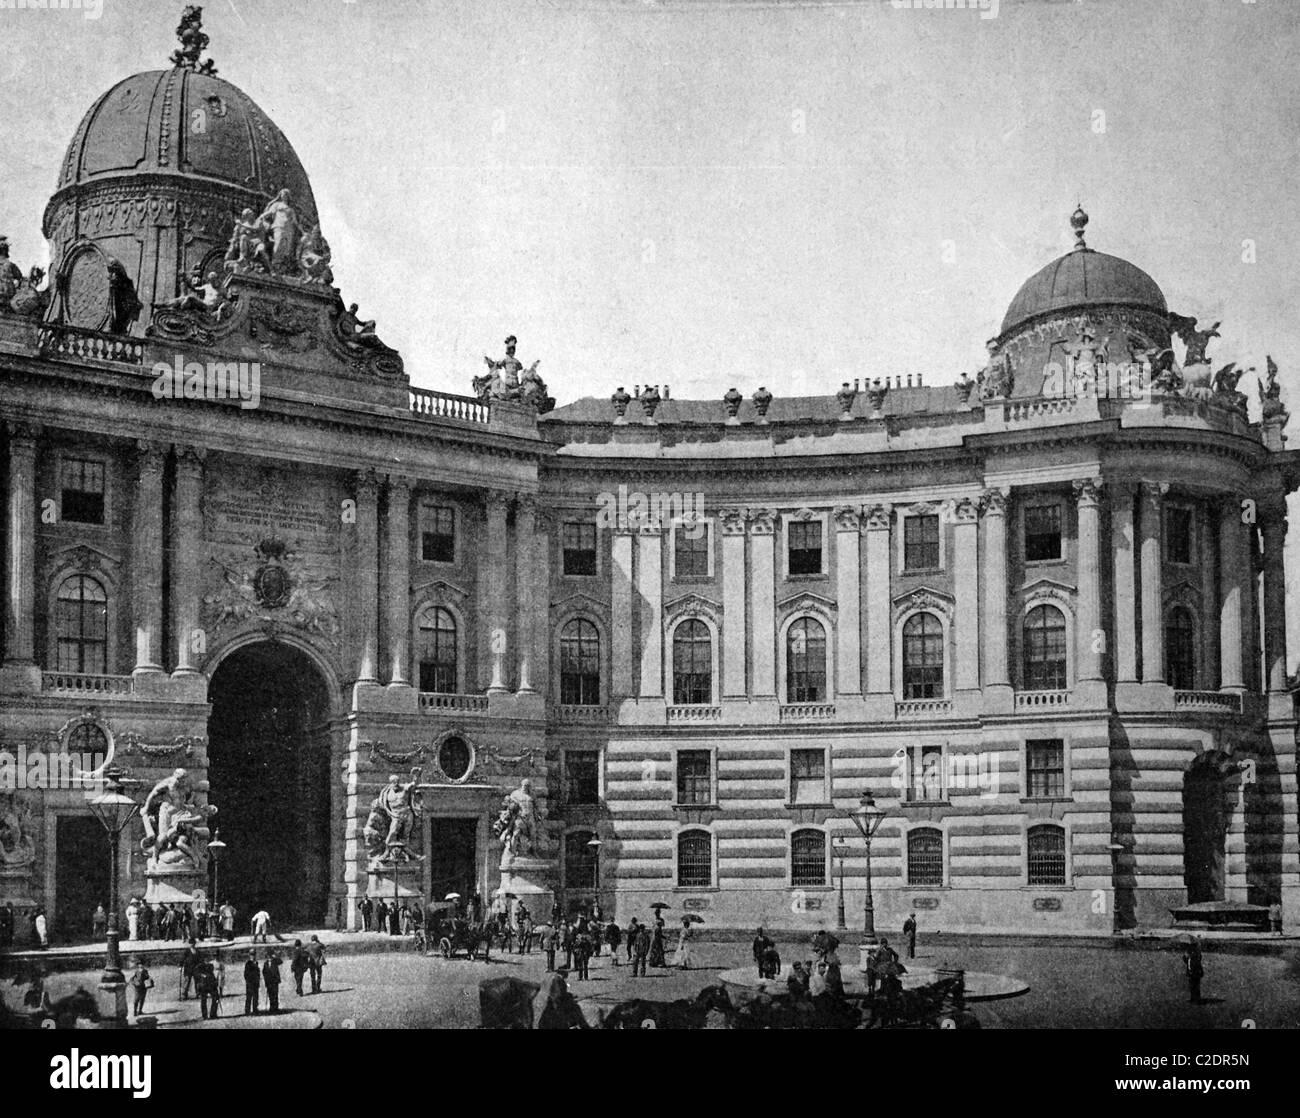 Una delle prime stampe di Autotype, Franz-Josef-Tor Gate, fotografia storica, 1884, Vienna, Austria, Europa Immagini Stock